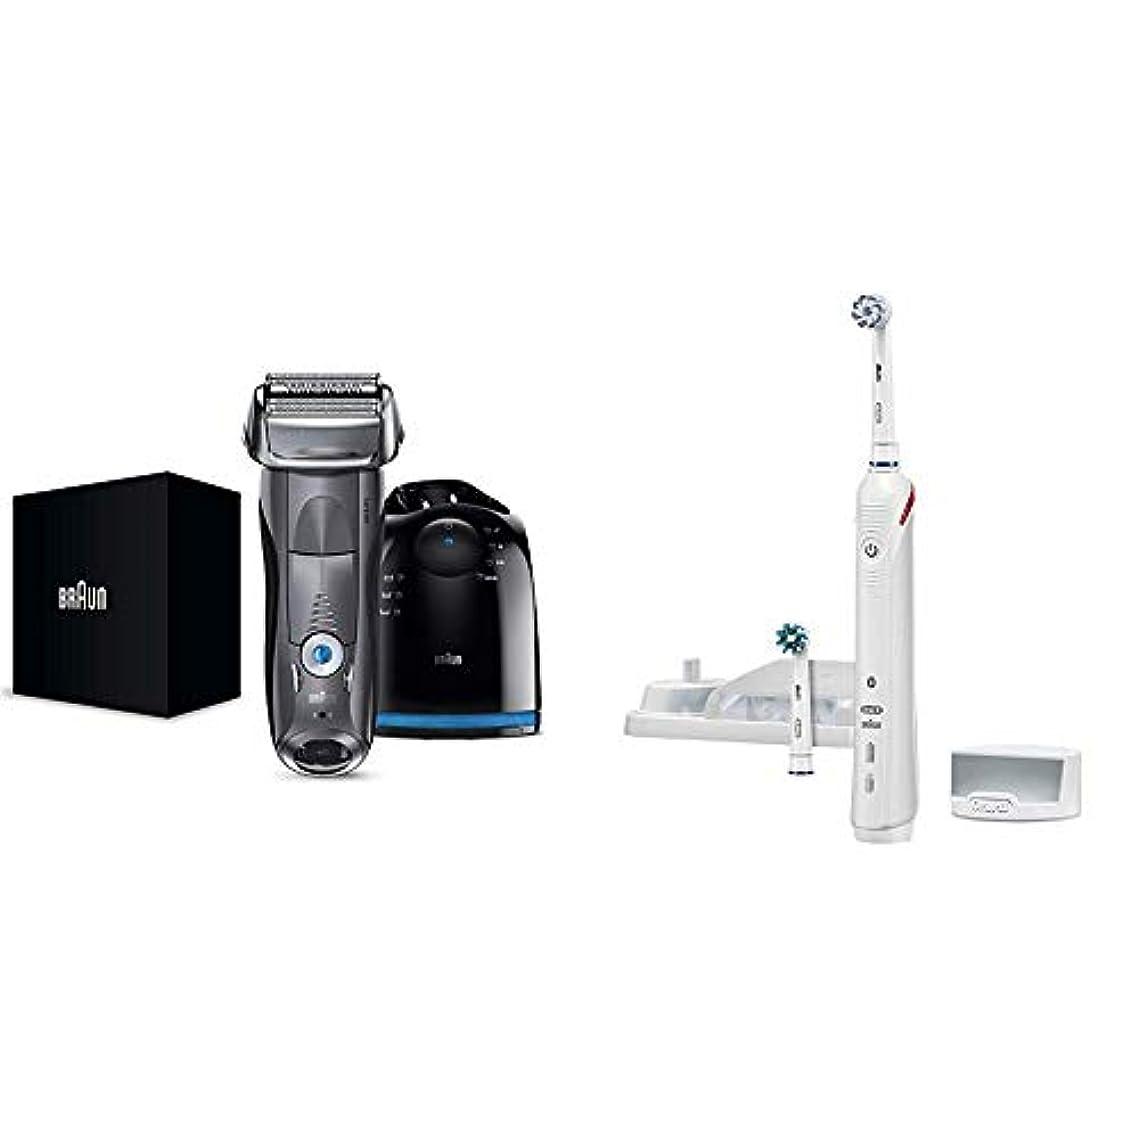 レジ海峡教えて【Amazon.co.jp 限定】ブラウン メンズ電気シェーバー シリーズ7 7867cc 4カットシステム 洗浄機付 水洗い/お風呂剃り可 & ブラウン オーラルB 電動歯ブラシ スマート4000 D6015253P